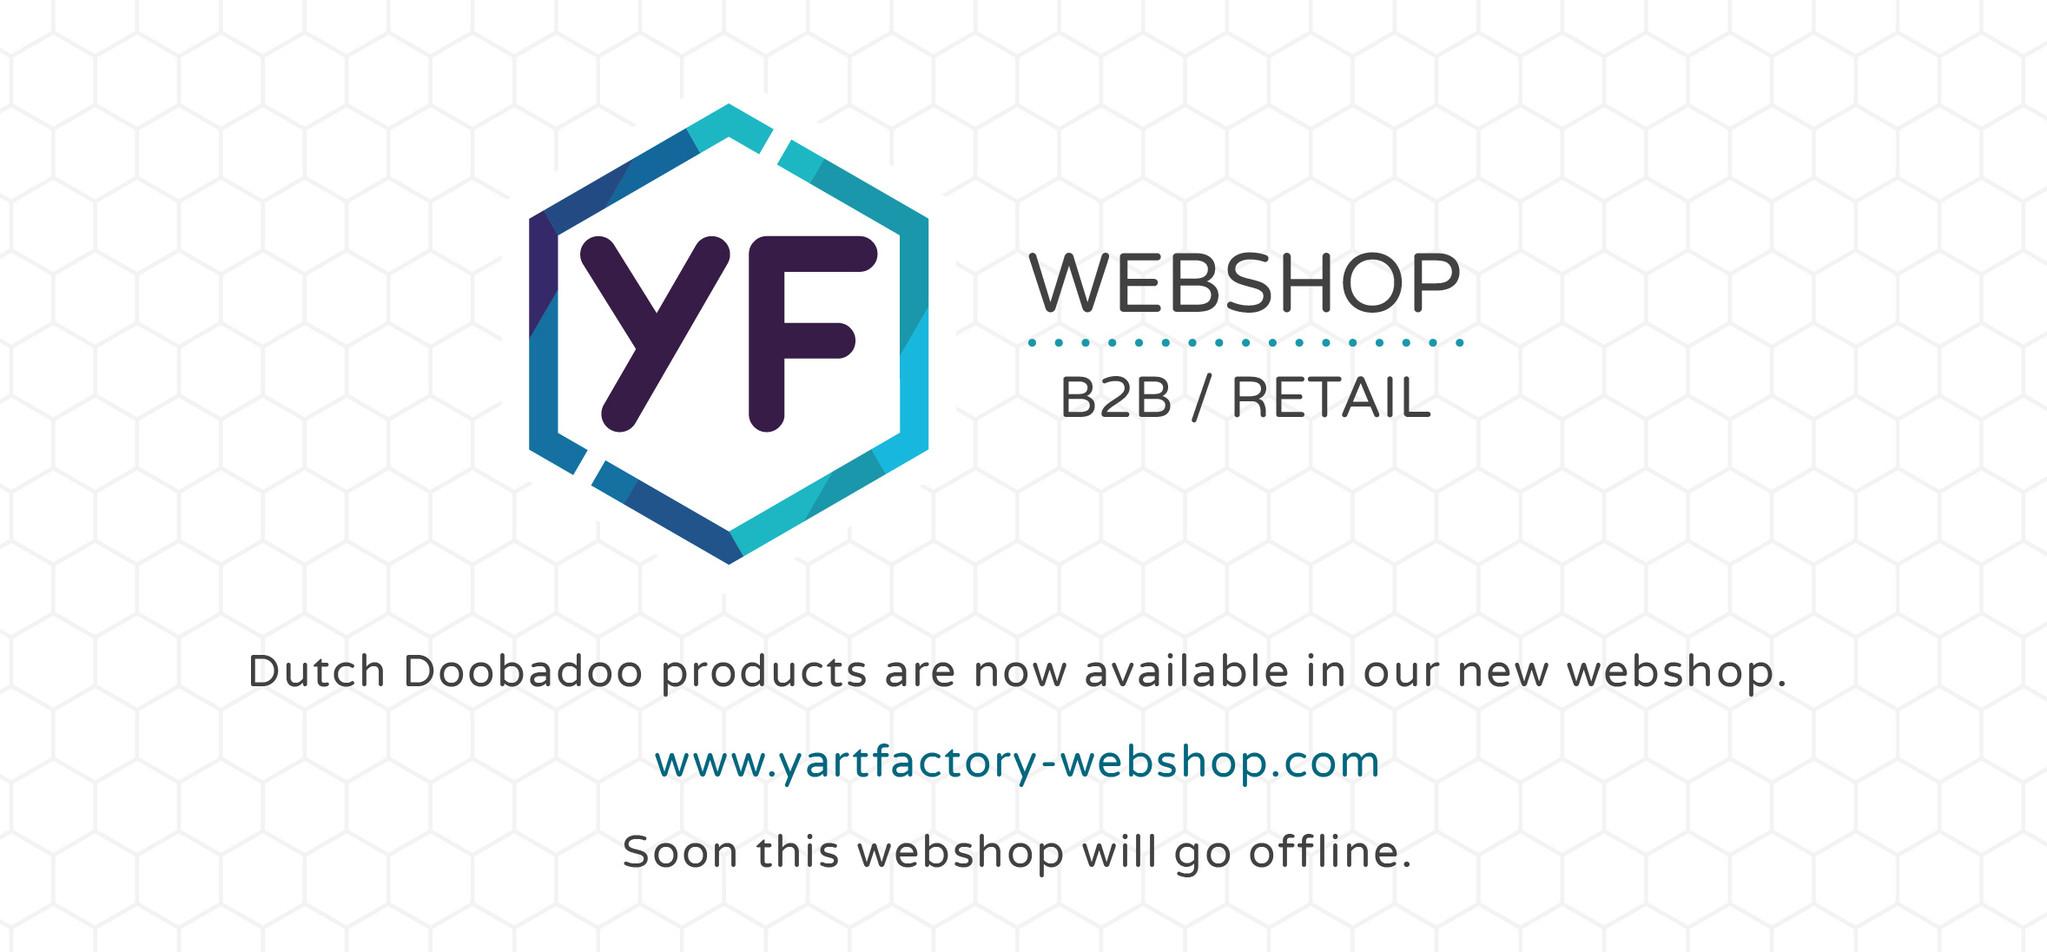 New webshop